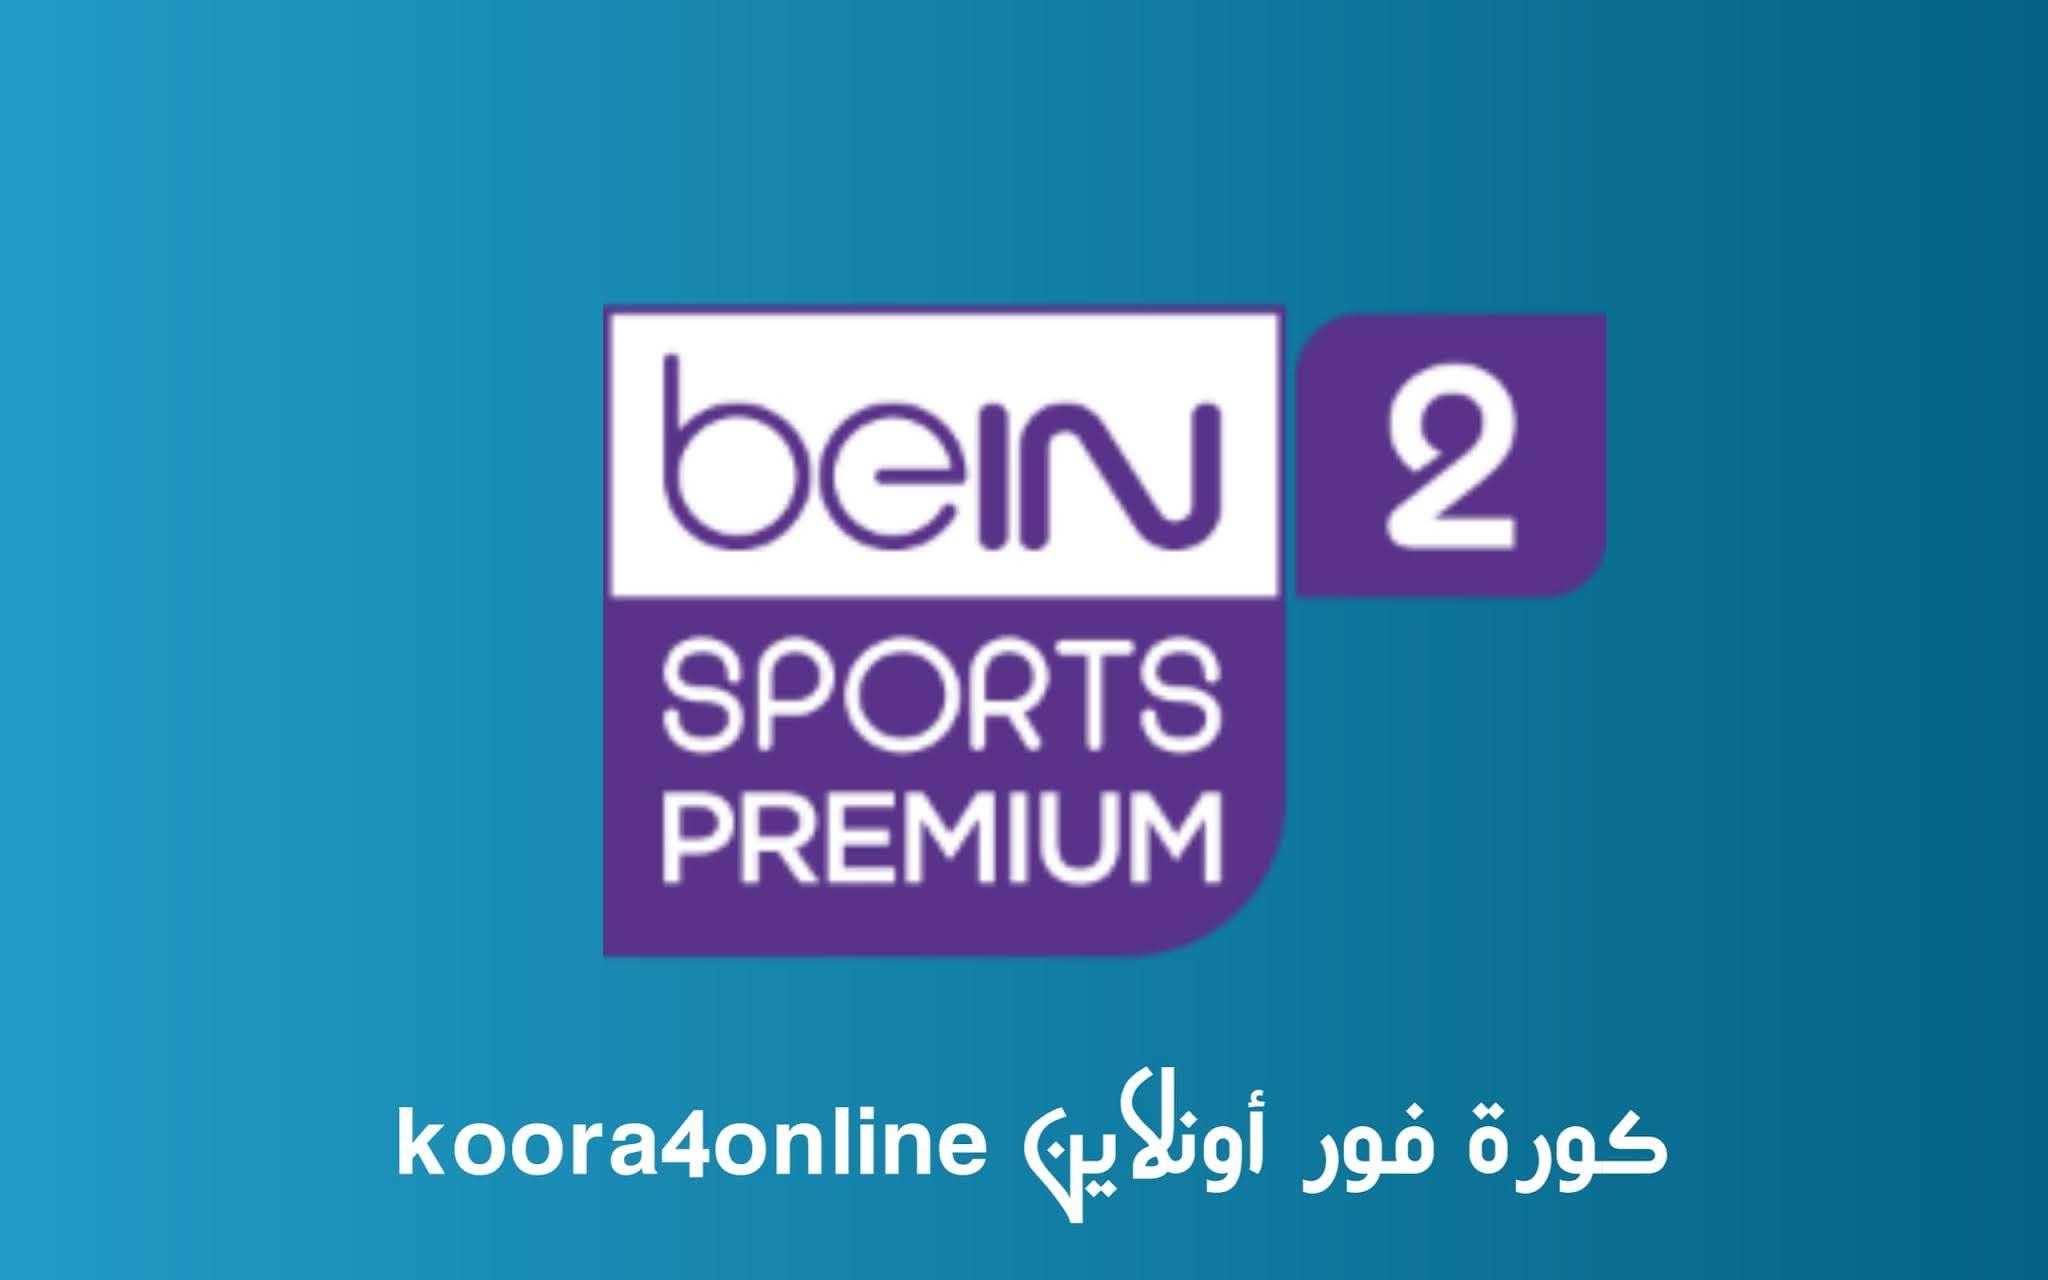 مشاهدة قناة بي إن سبورت بريميوم 2 | bein sports premium 2 بجودة عالية و بدون تقطيع